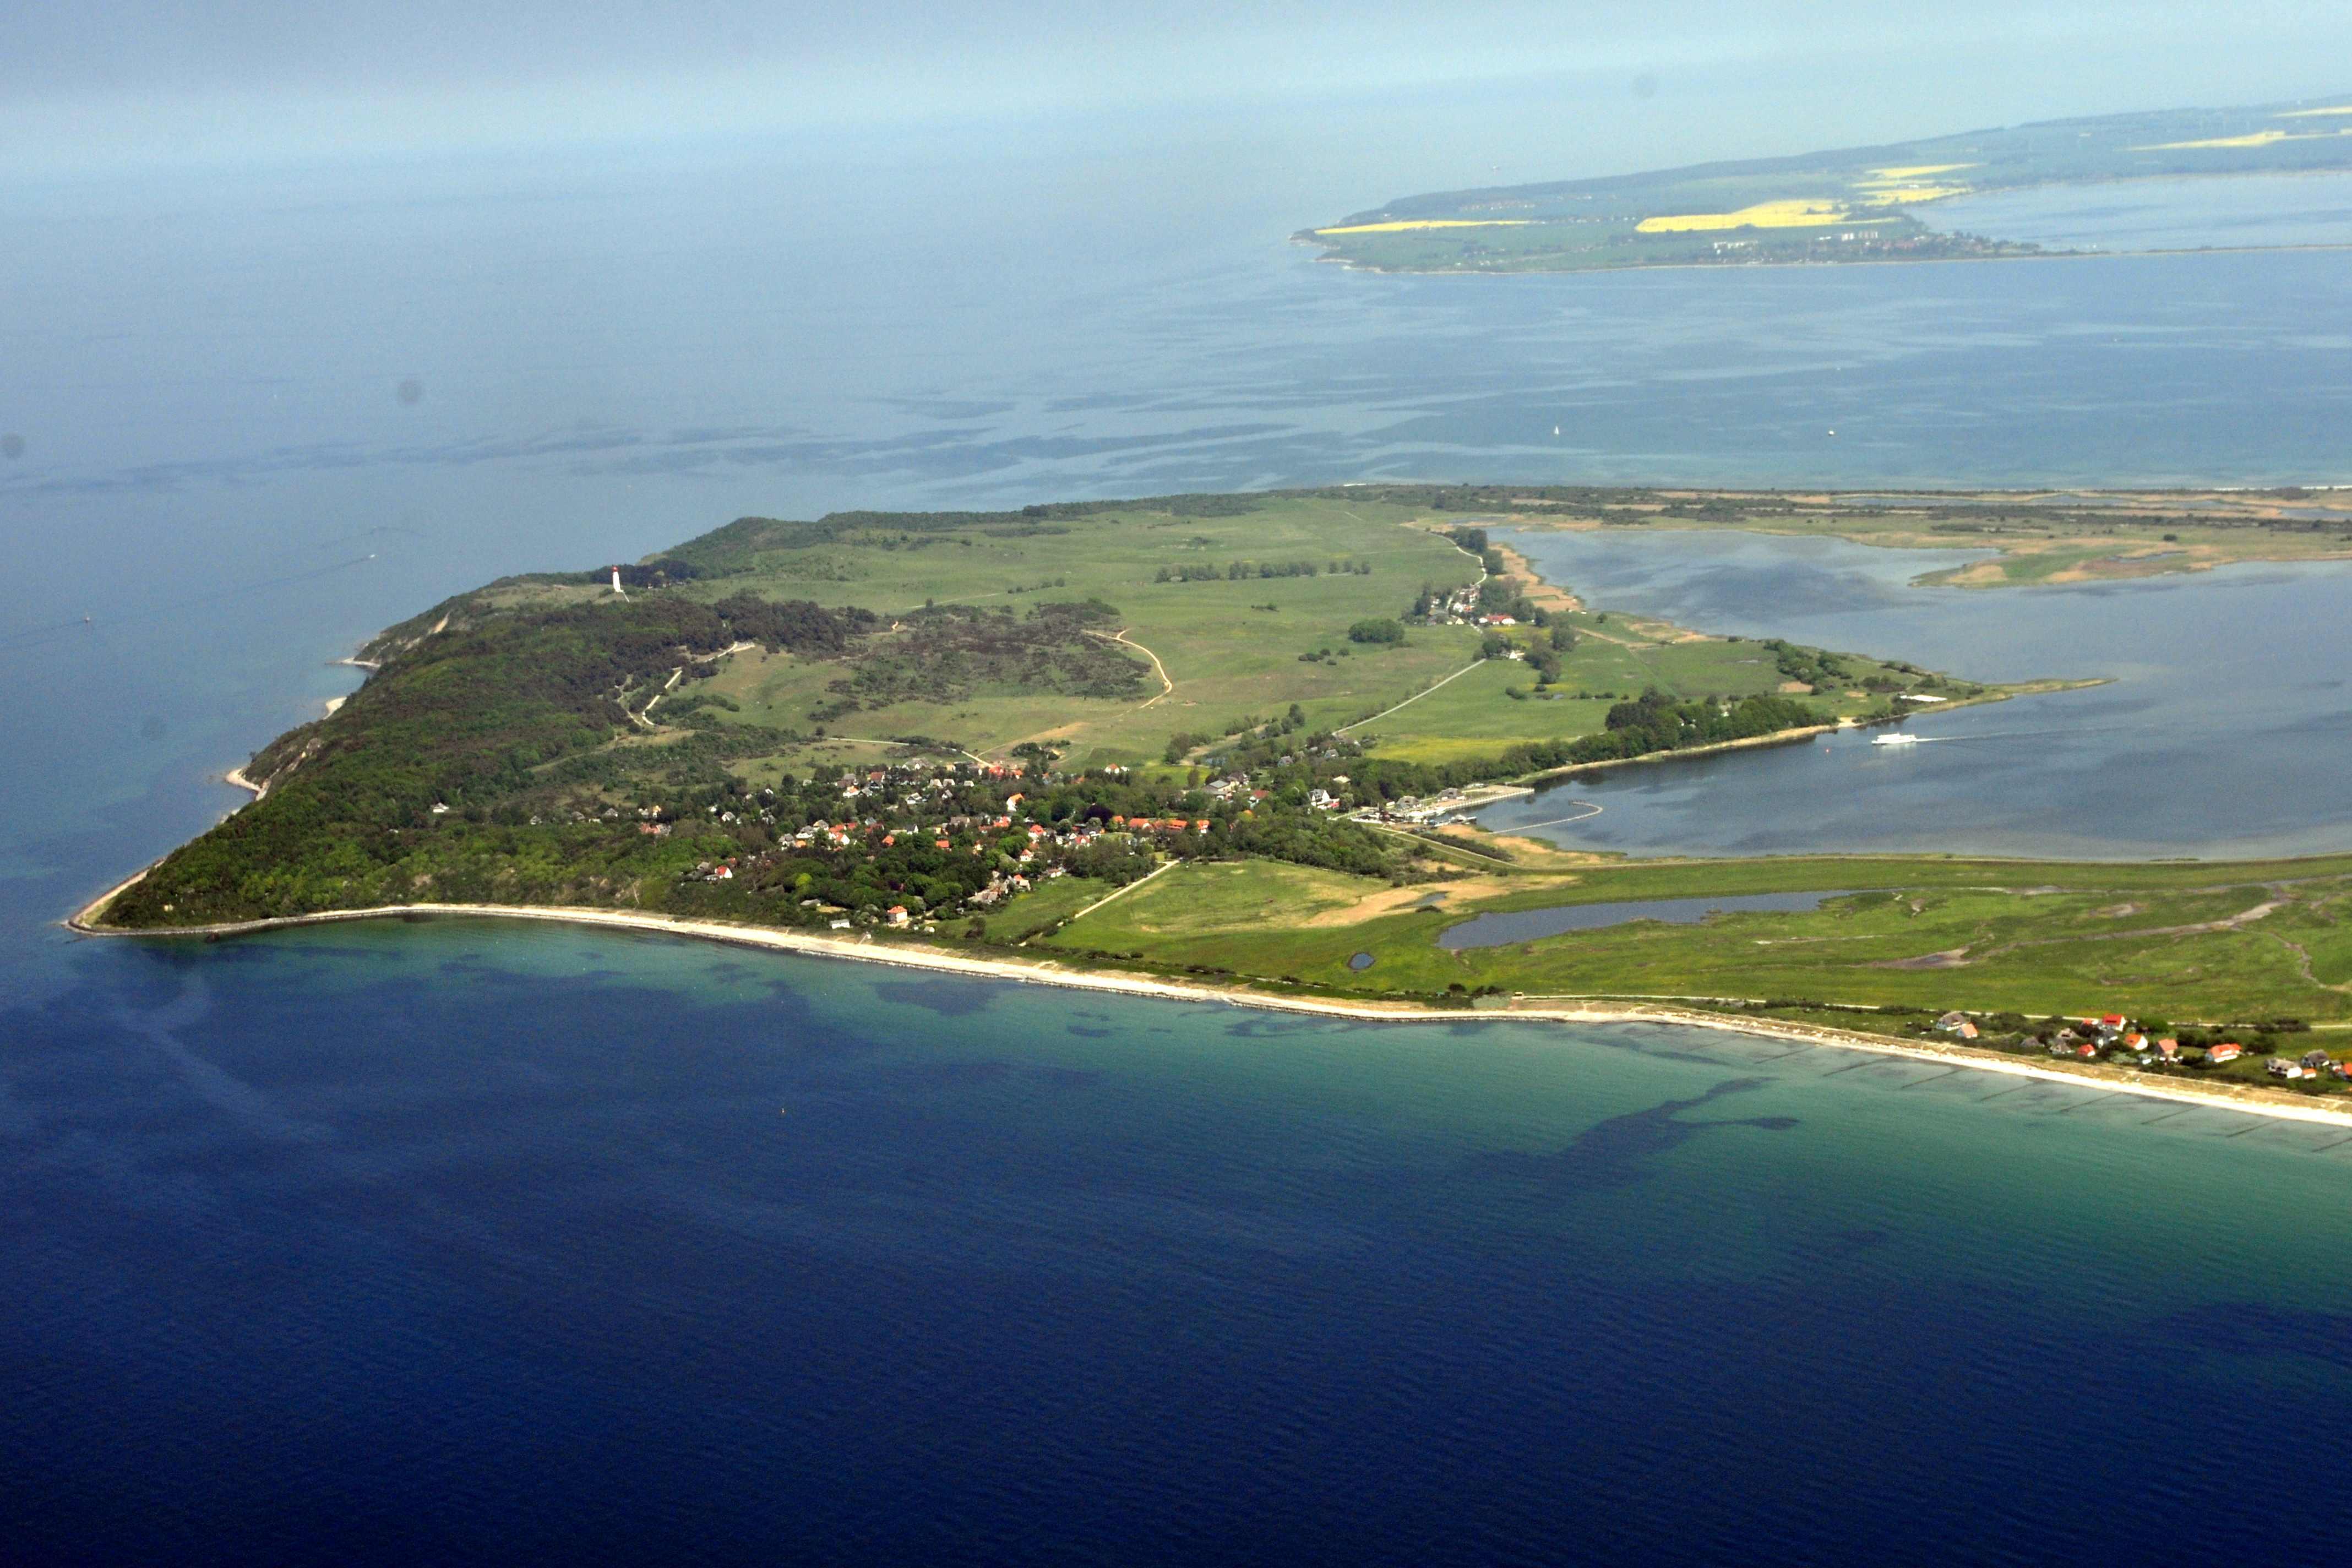 Ostrov Hiddensee v Baltském moři